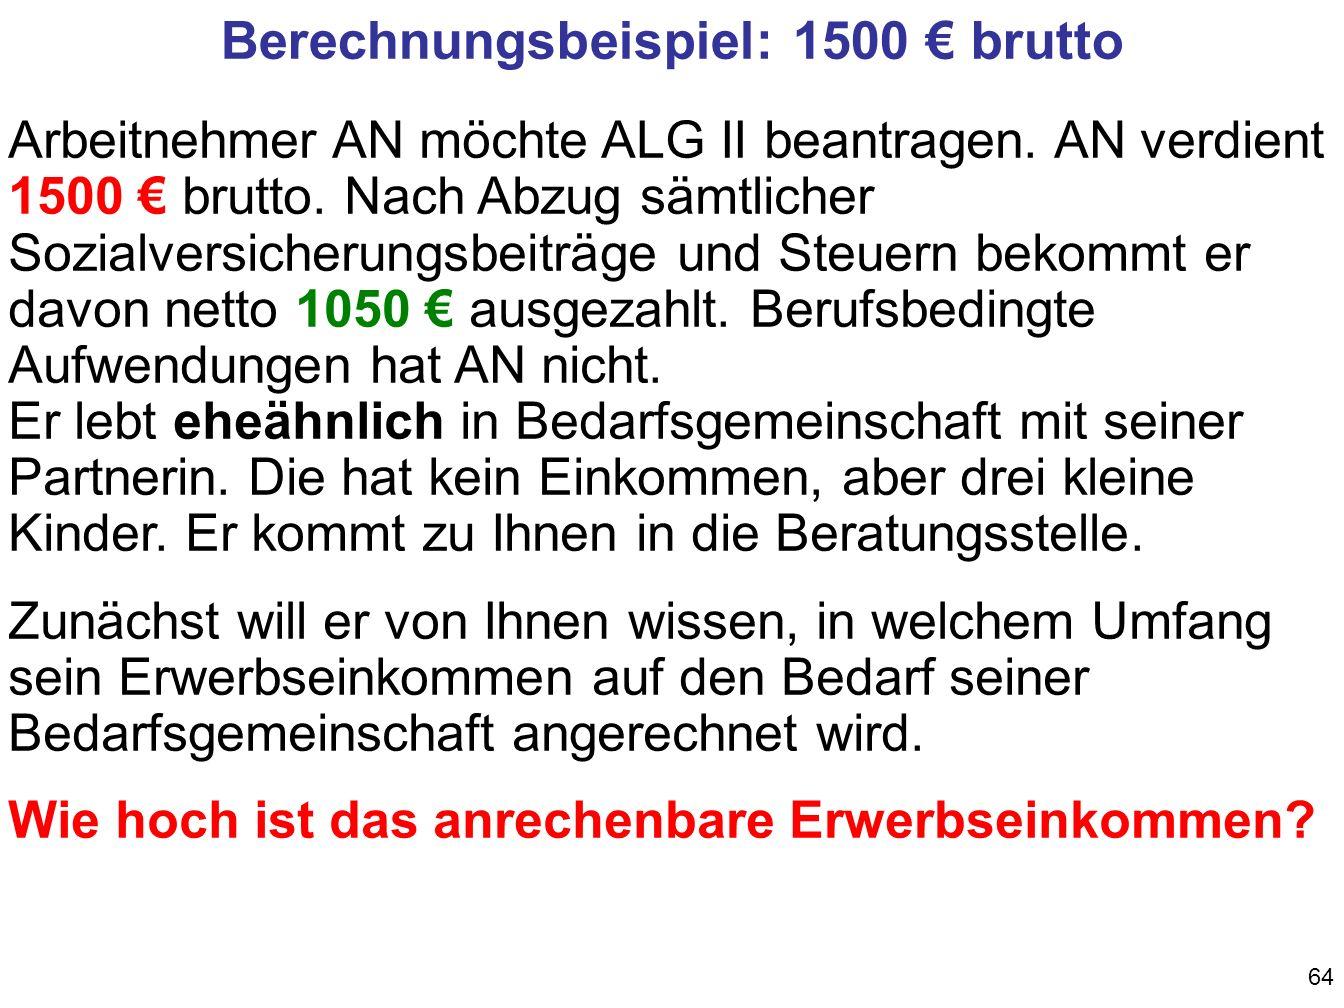 64 Berechnungsbeispiel: 1500 brutto Arbeitnehmer AN möchte ALG II beantragen.